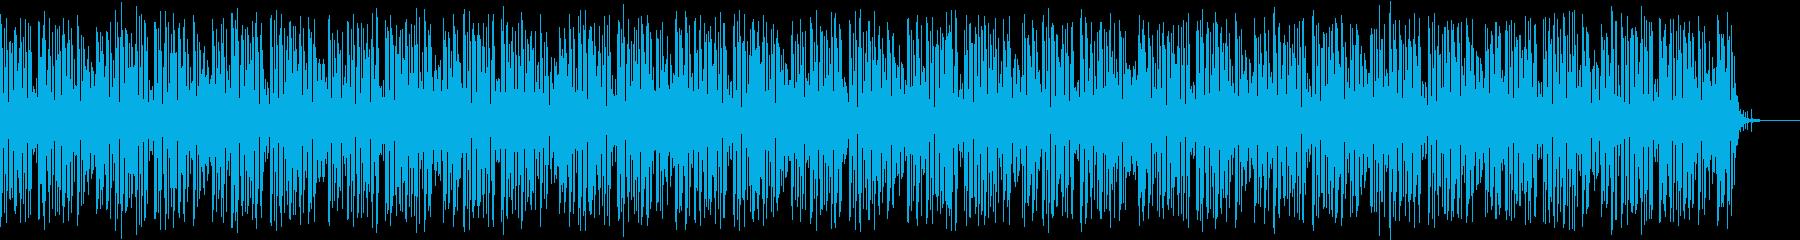 マイナーコードのお洒落なブルースBGMの再生済みの波形